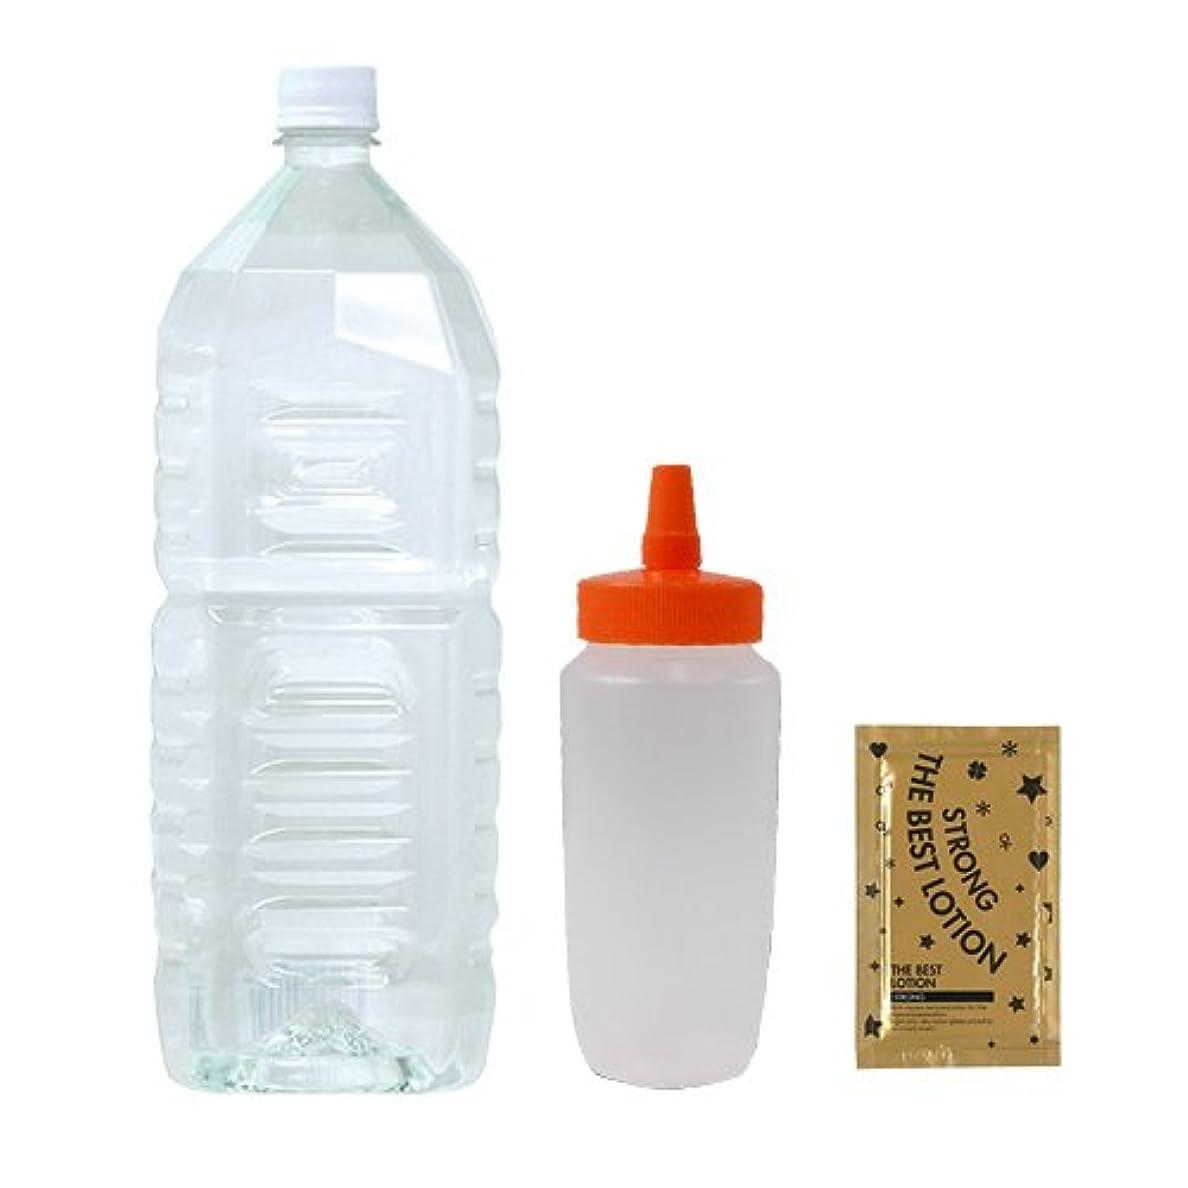 ネストさびた要件クリアローション 2Lペットボトル ハードタイプ(5倍濃縮原液)+ はちみつ容器360ml(オレンジキャップ)+ ベストローションストロング 1包付き セット